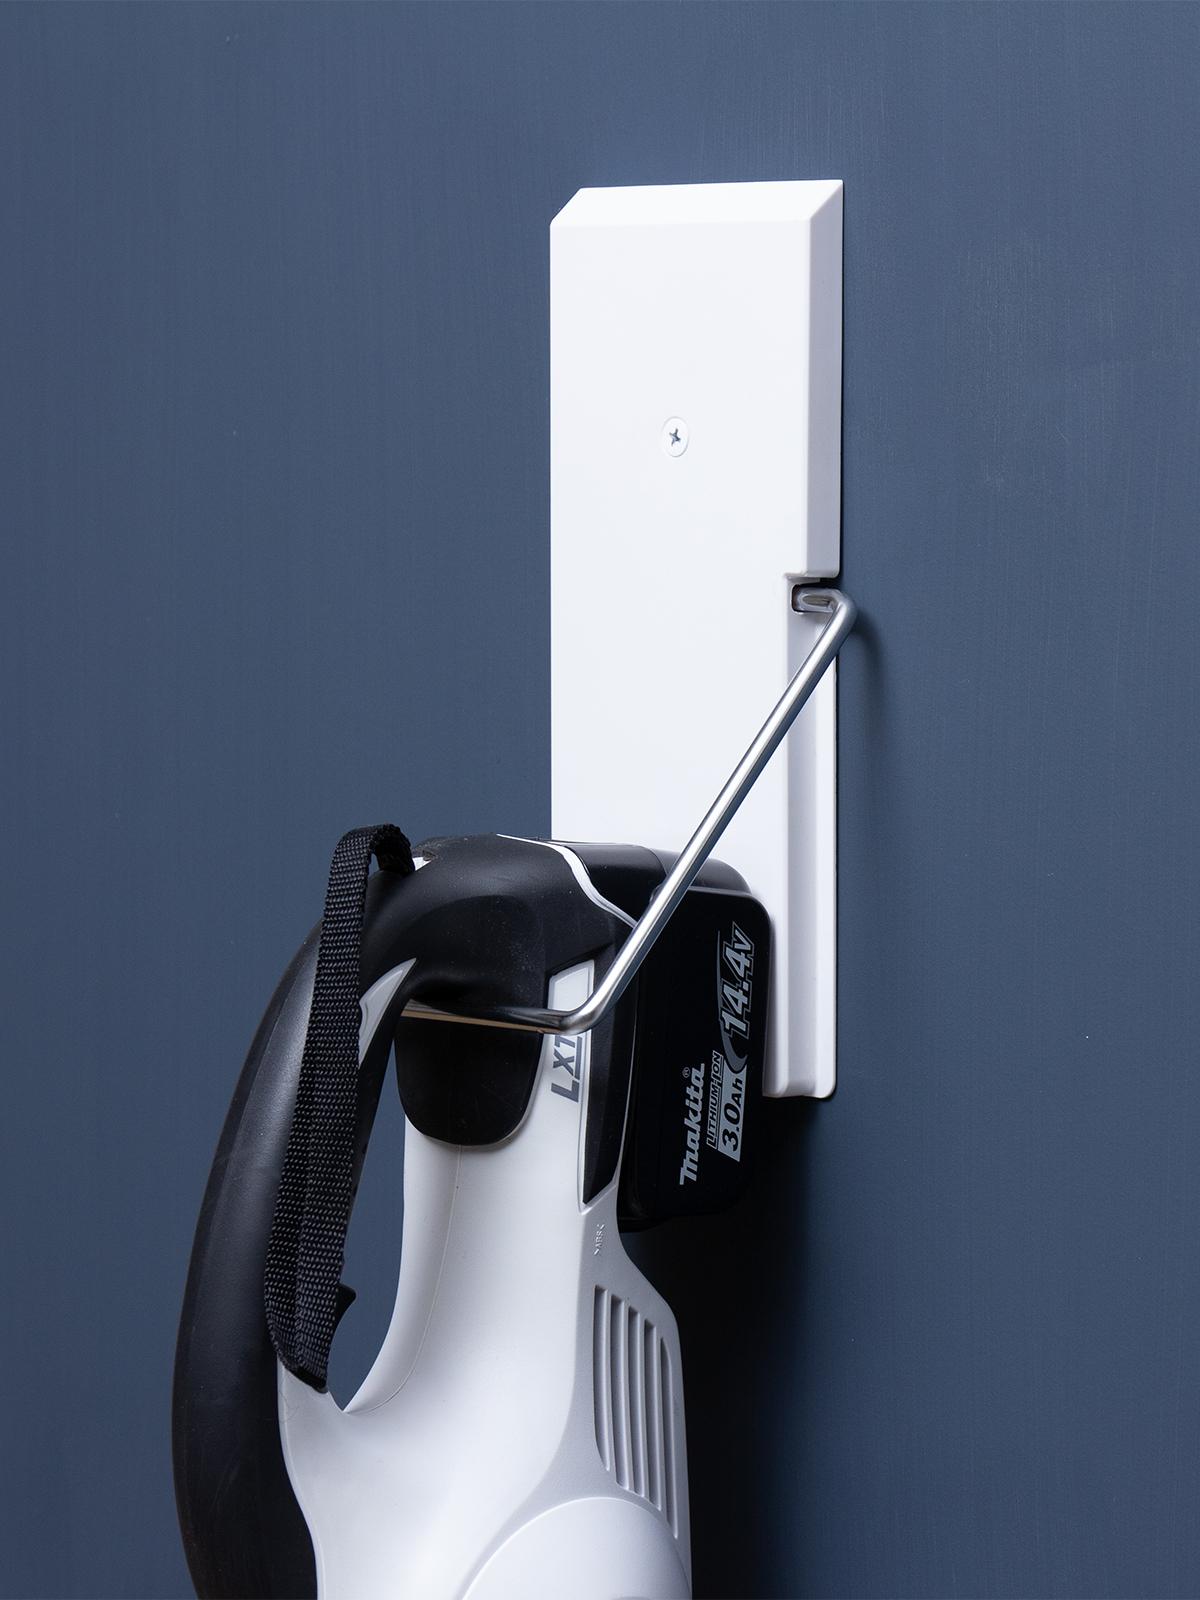 石膏ボードの壁なら、どこにでも取り付け可能。穴が目立たない極細ピンで、コードレス掃除機をスマートに壁掛けできるフック|Pinde(ピンデ)